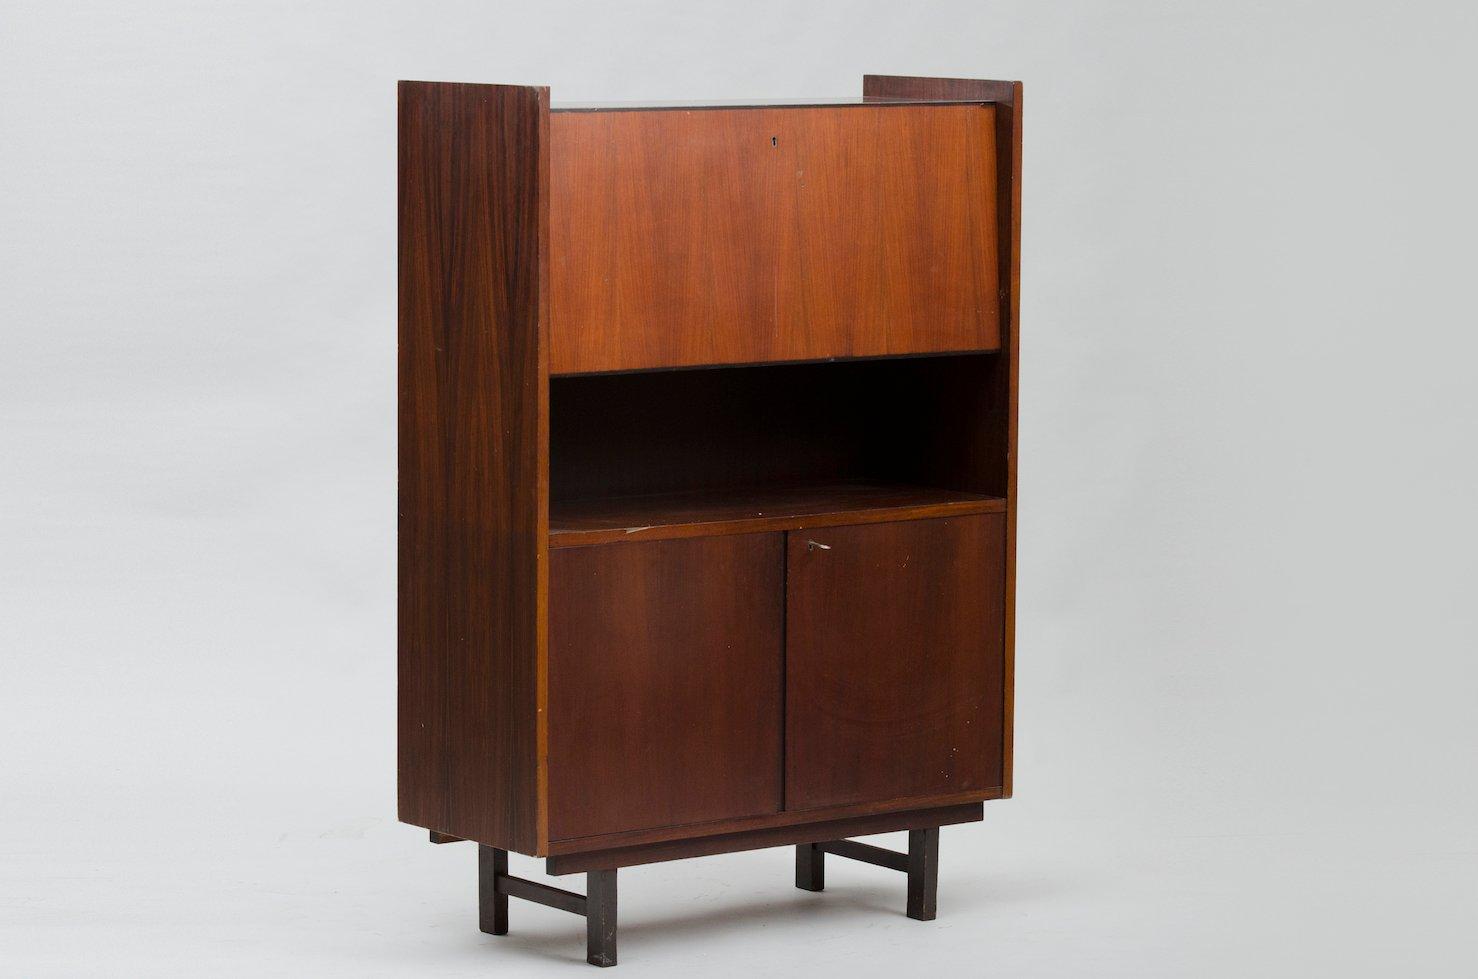 hoher vintage schrank aus palisander bei pamono kaufen. Black Bedroom Furniture Sets. Home Design Ideas